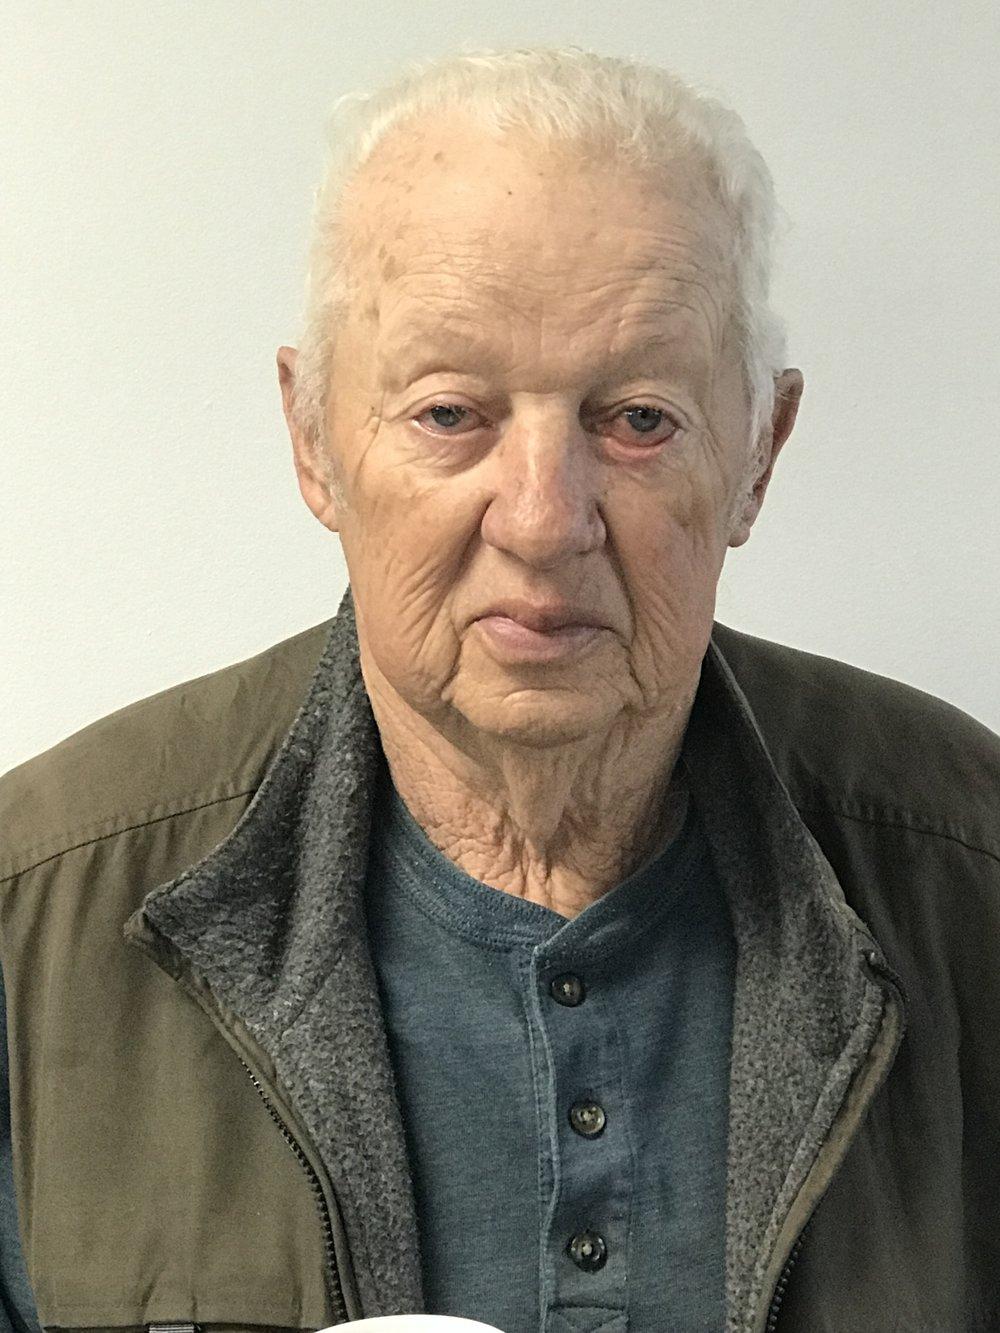 RAYMOND TAYLOR  (Since 1981)